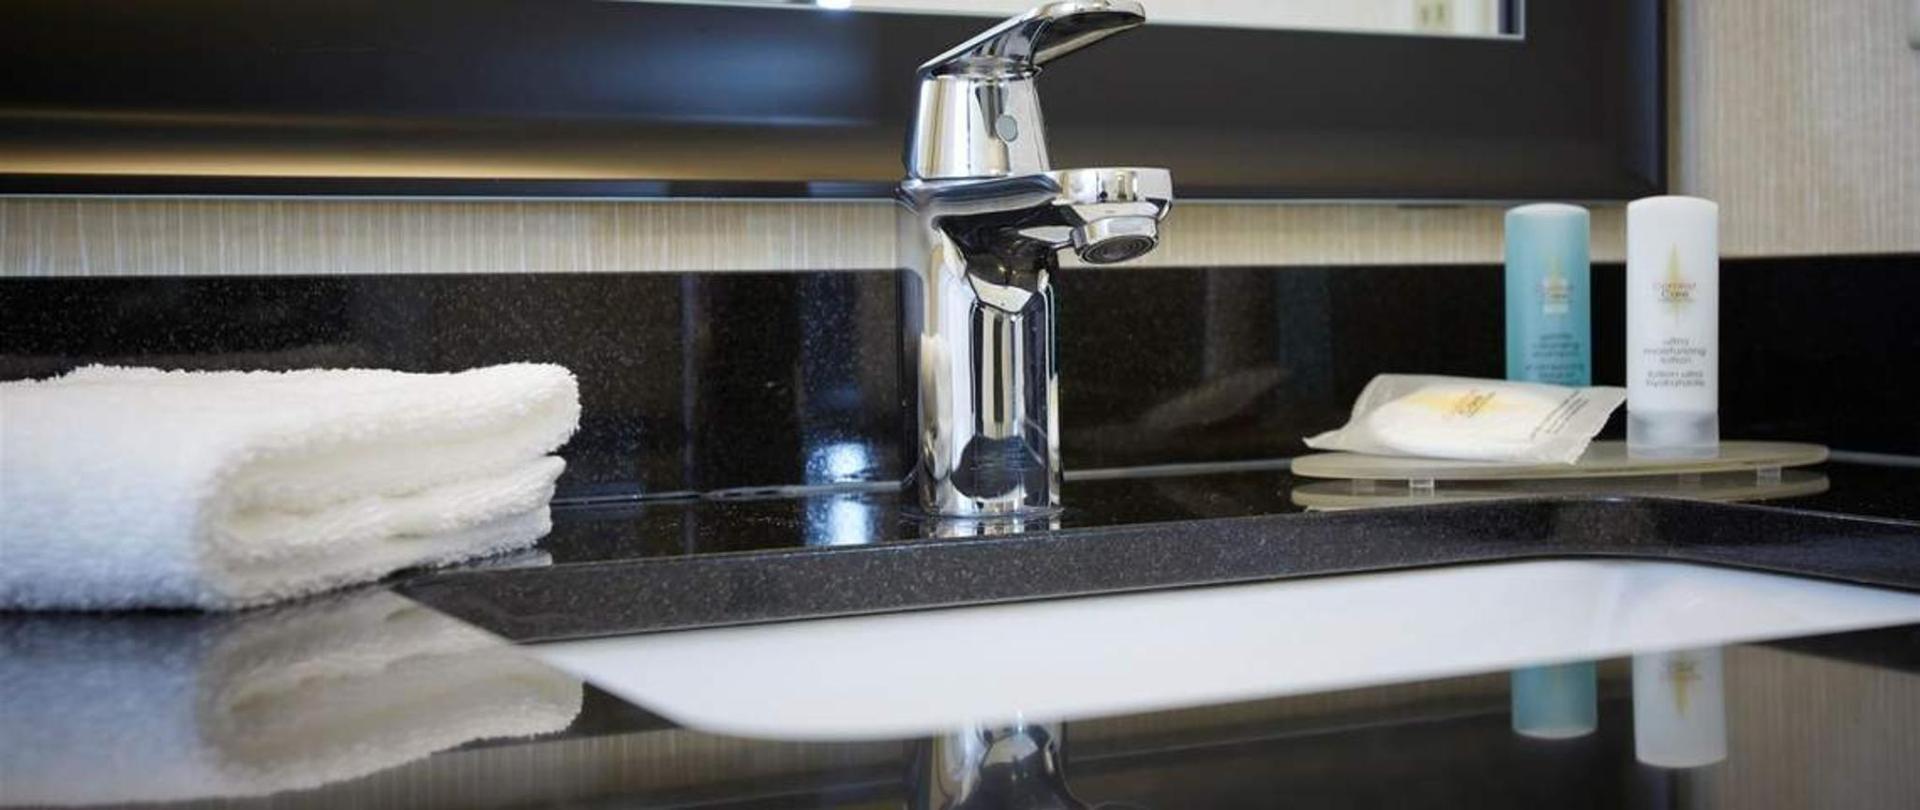 enjoy-our-complimentary-toiletries.jpg.1140x481_default.jpg